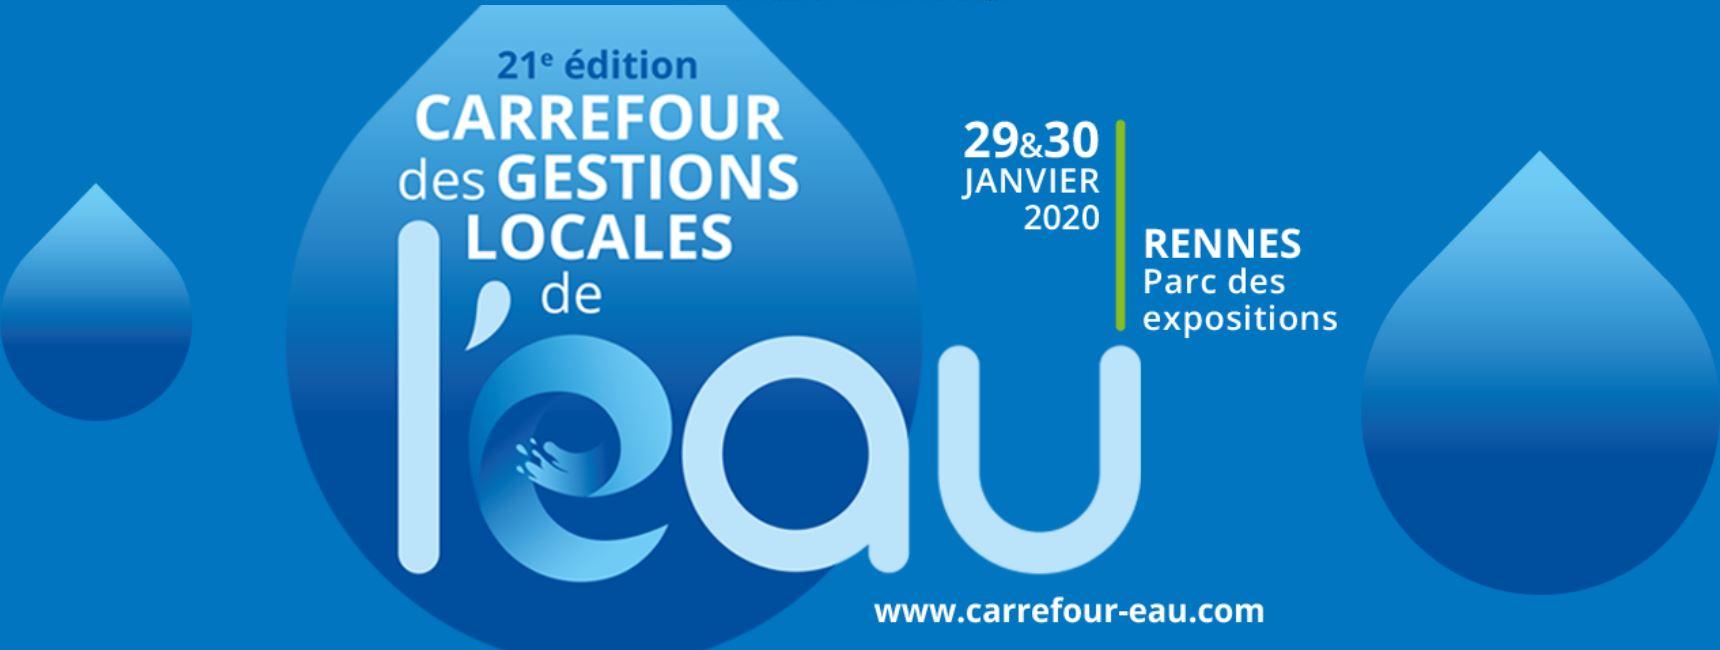 Carrefour de l'eau Rennes 2020